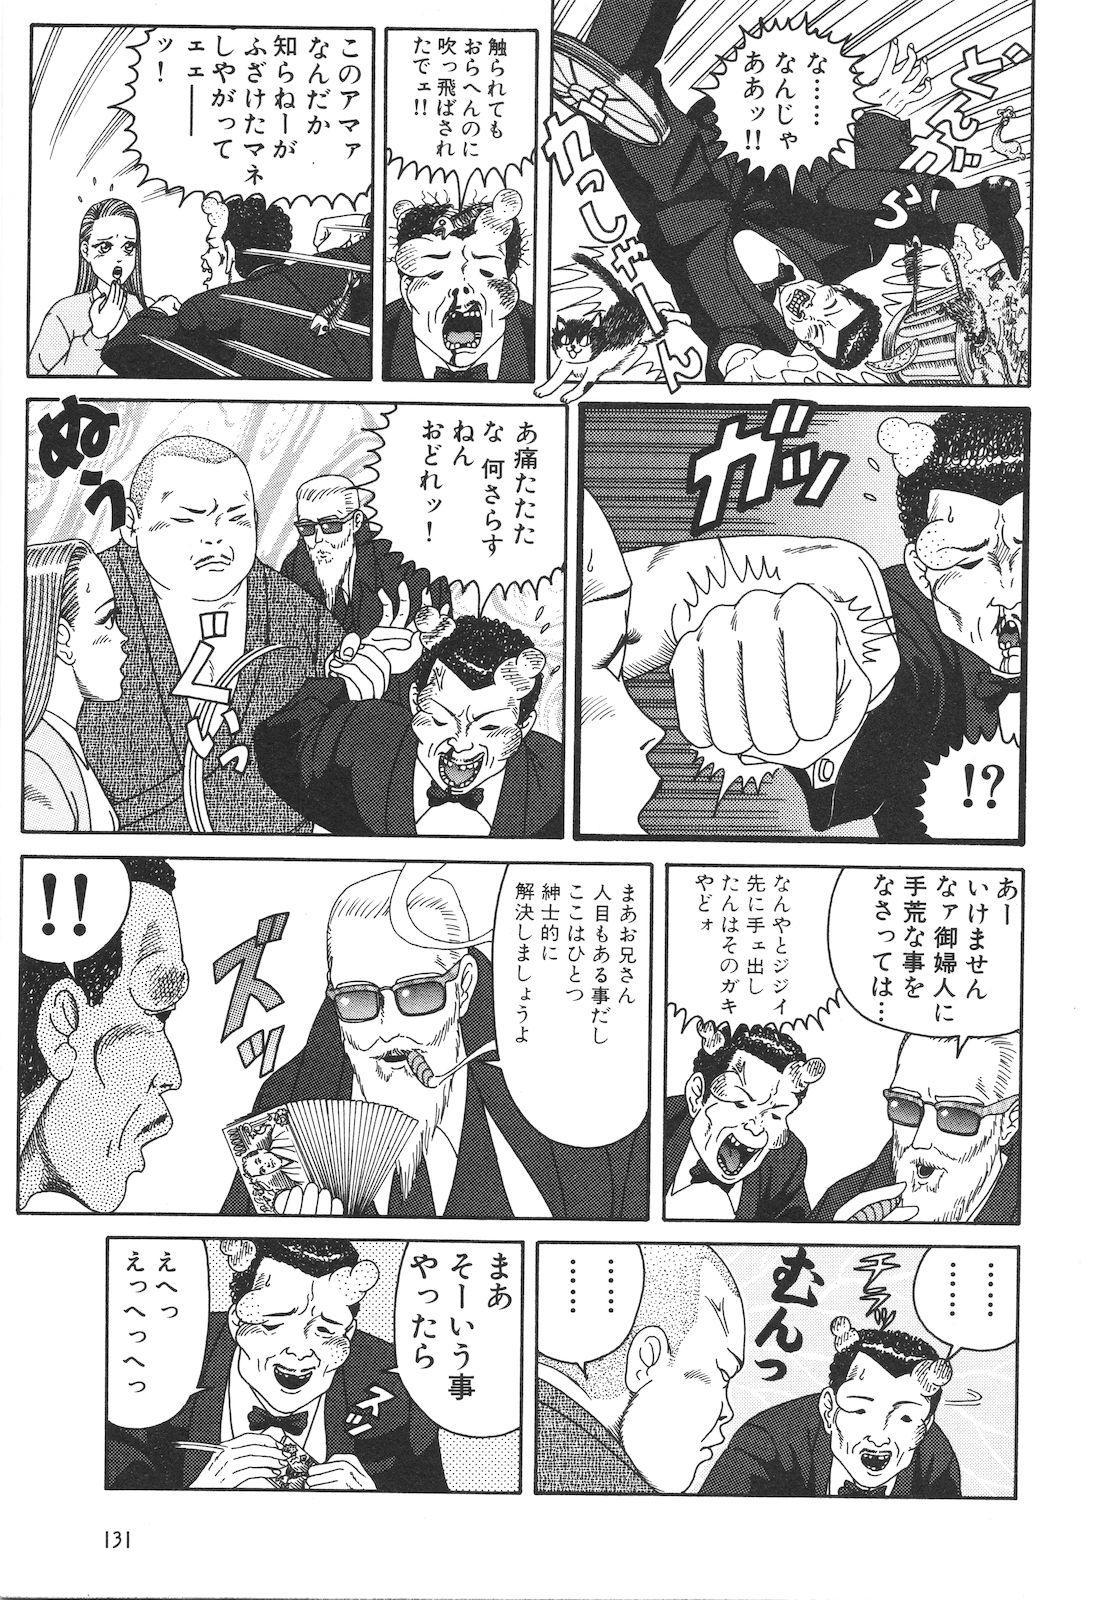 Dobusarai Gekijou 132